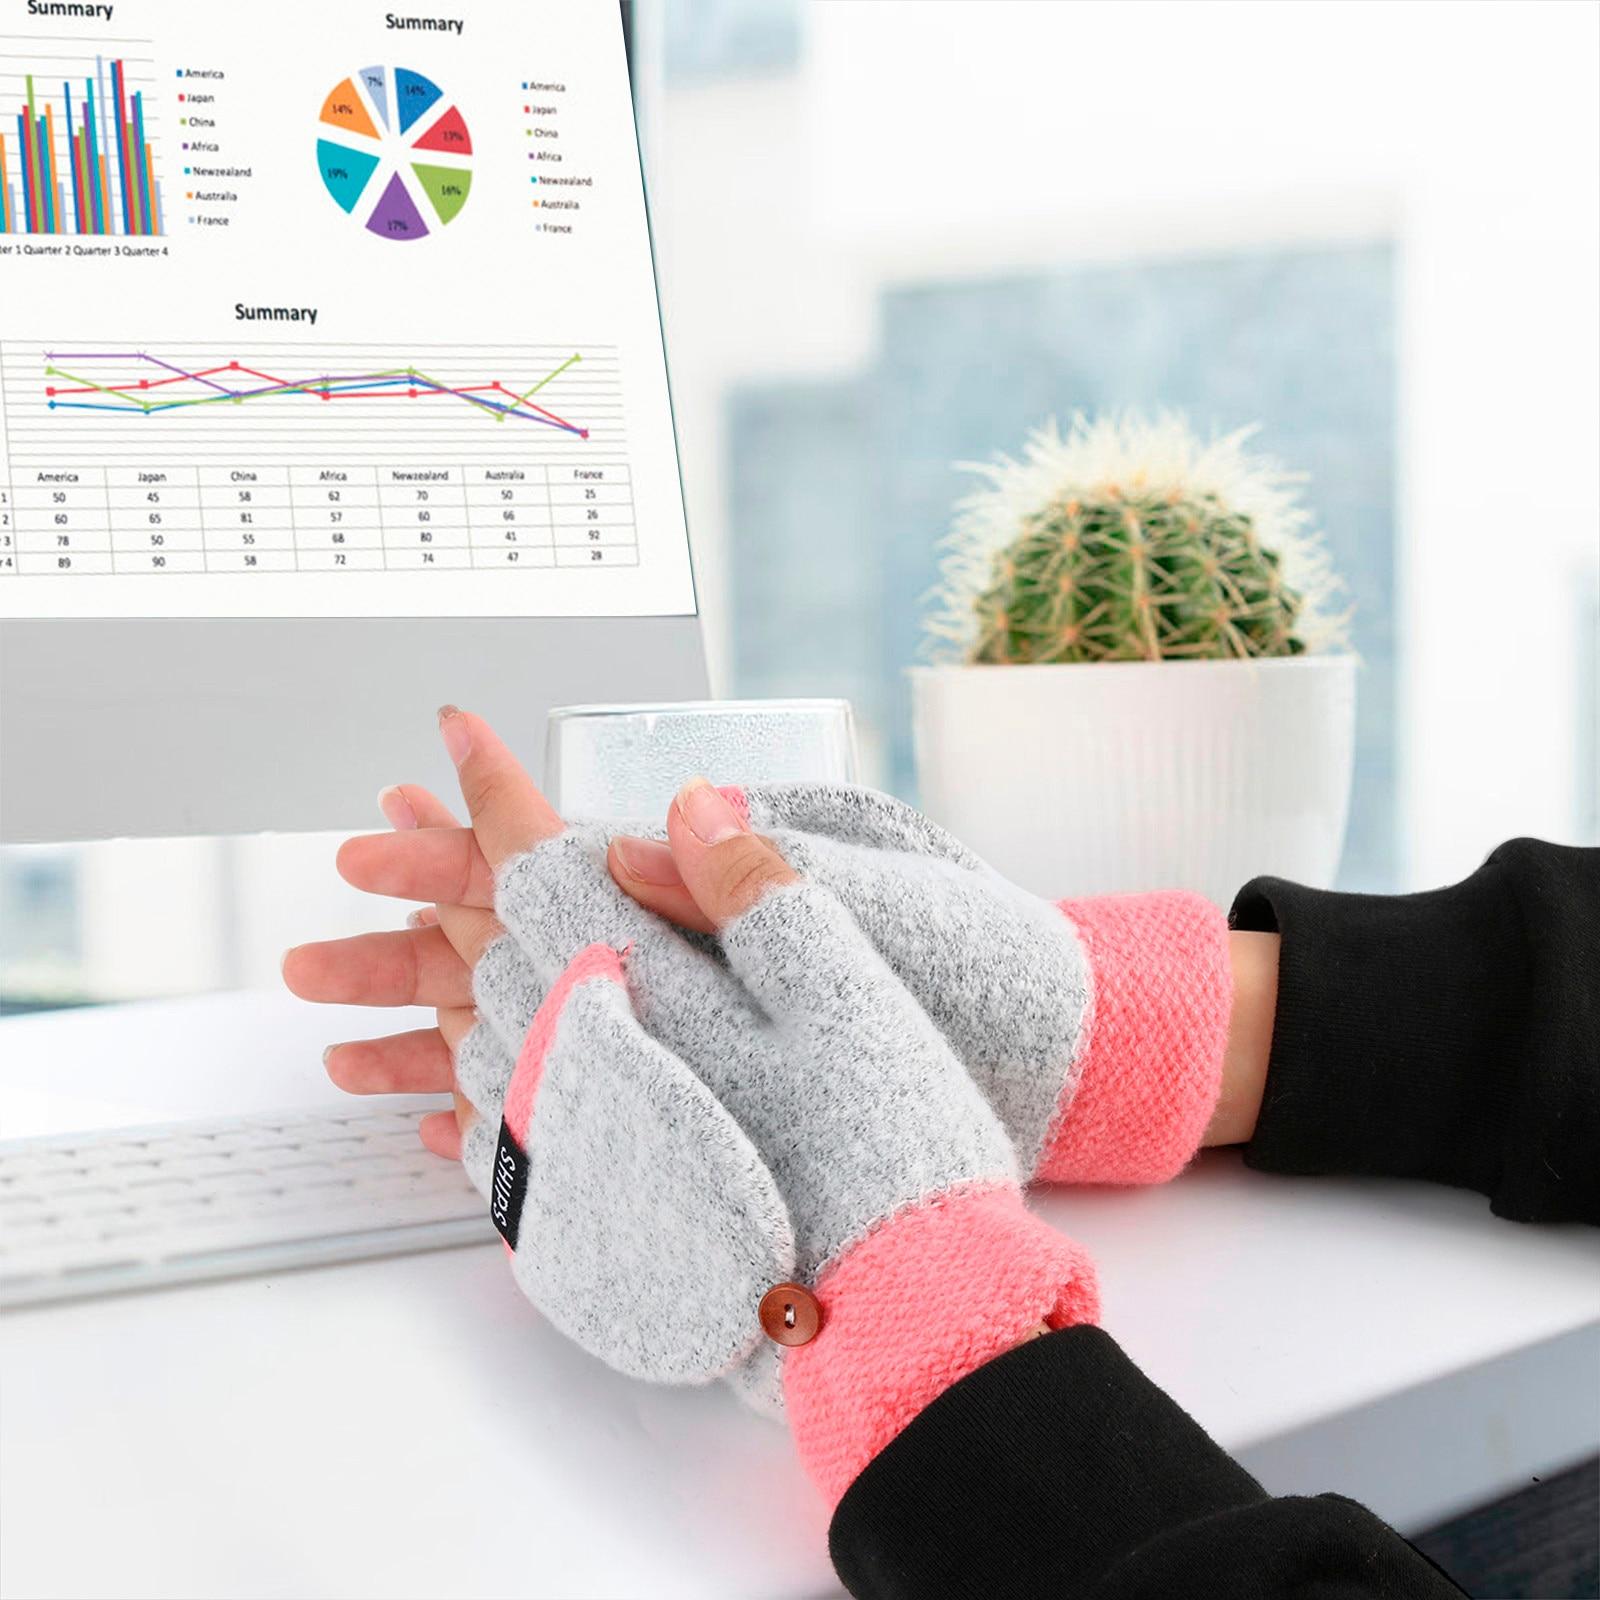 Women Men USB Heated Gloves Full & Half Finger Winter Keep Warm Knit Convertible Flip Top Fingerless Mittens Gloves Перчатки #M